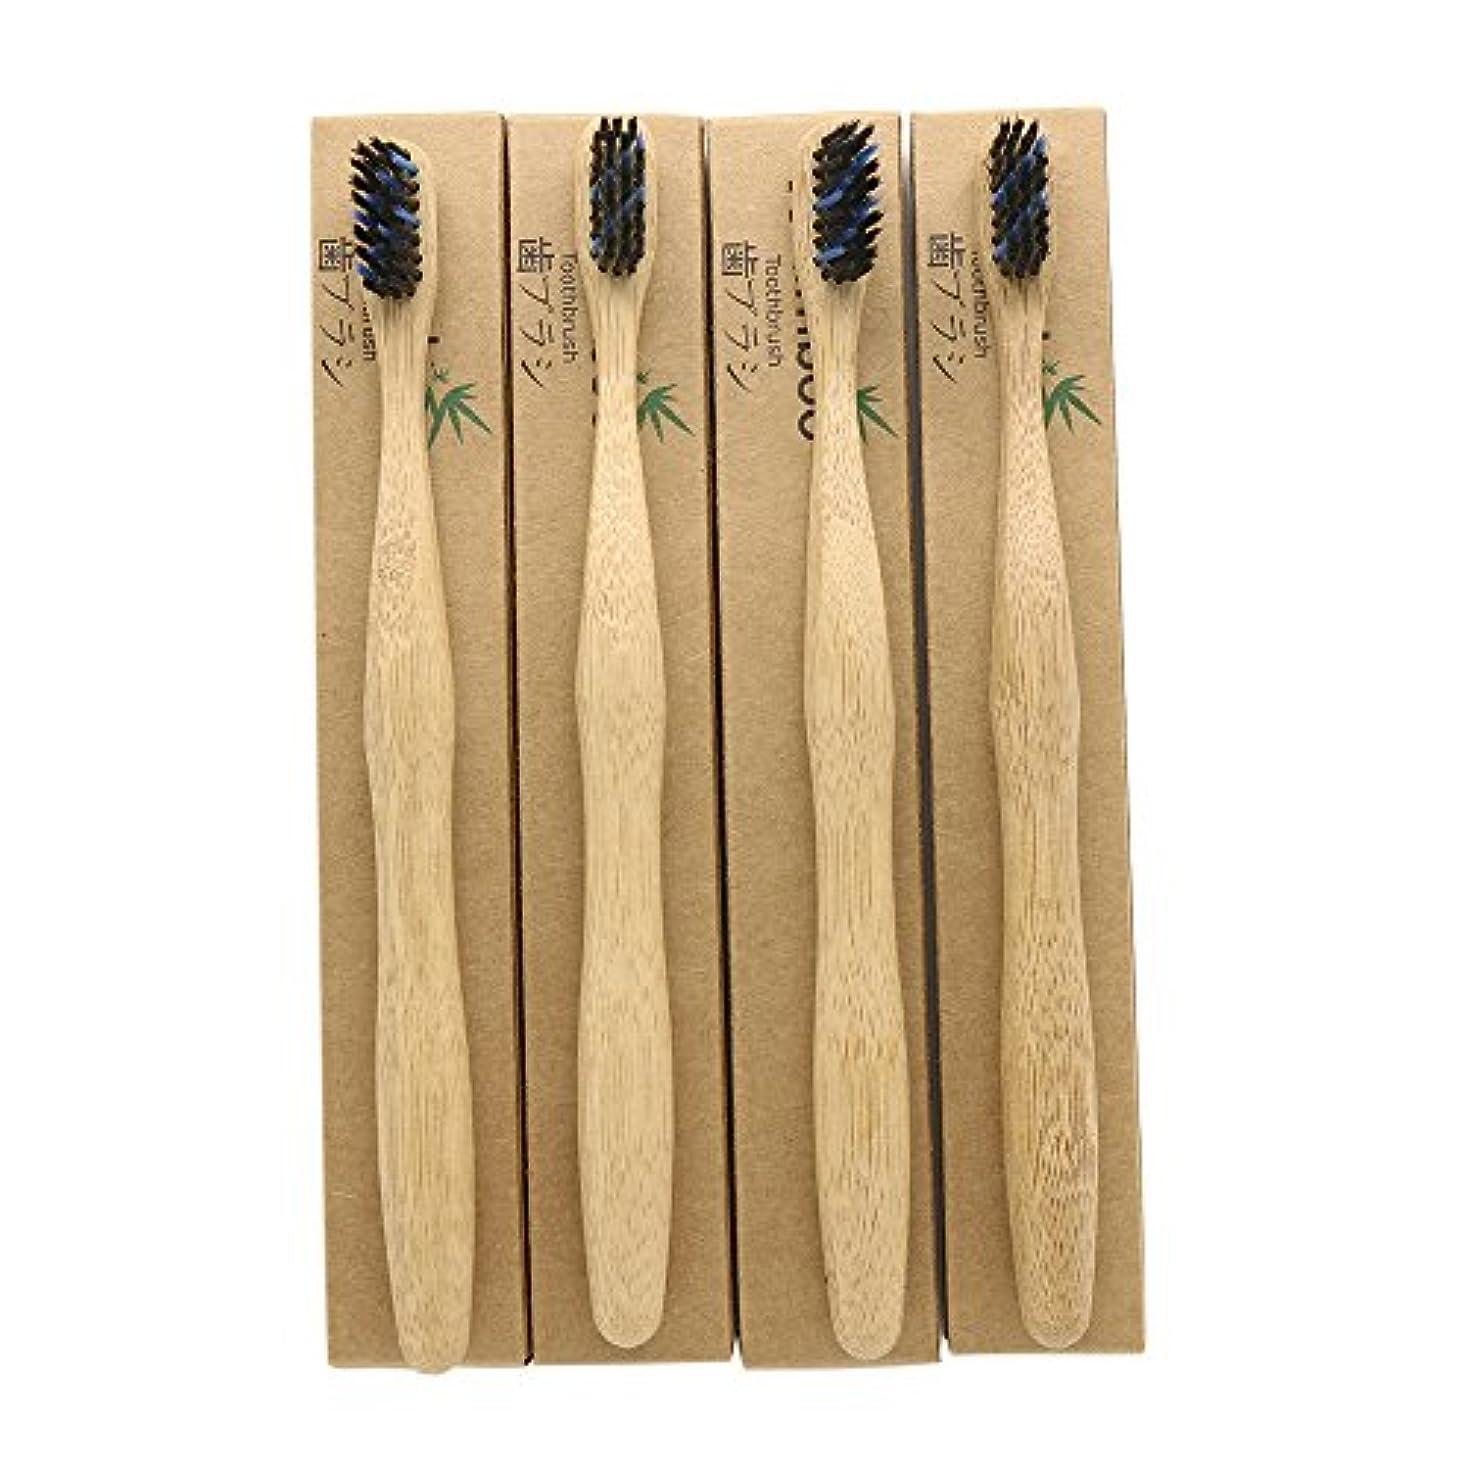 開示する追い払う追い払うN-amboo 竹製耐久度高い 歯ブラシ 黒いと青い 4本入り セット